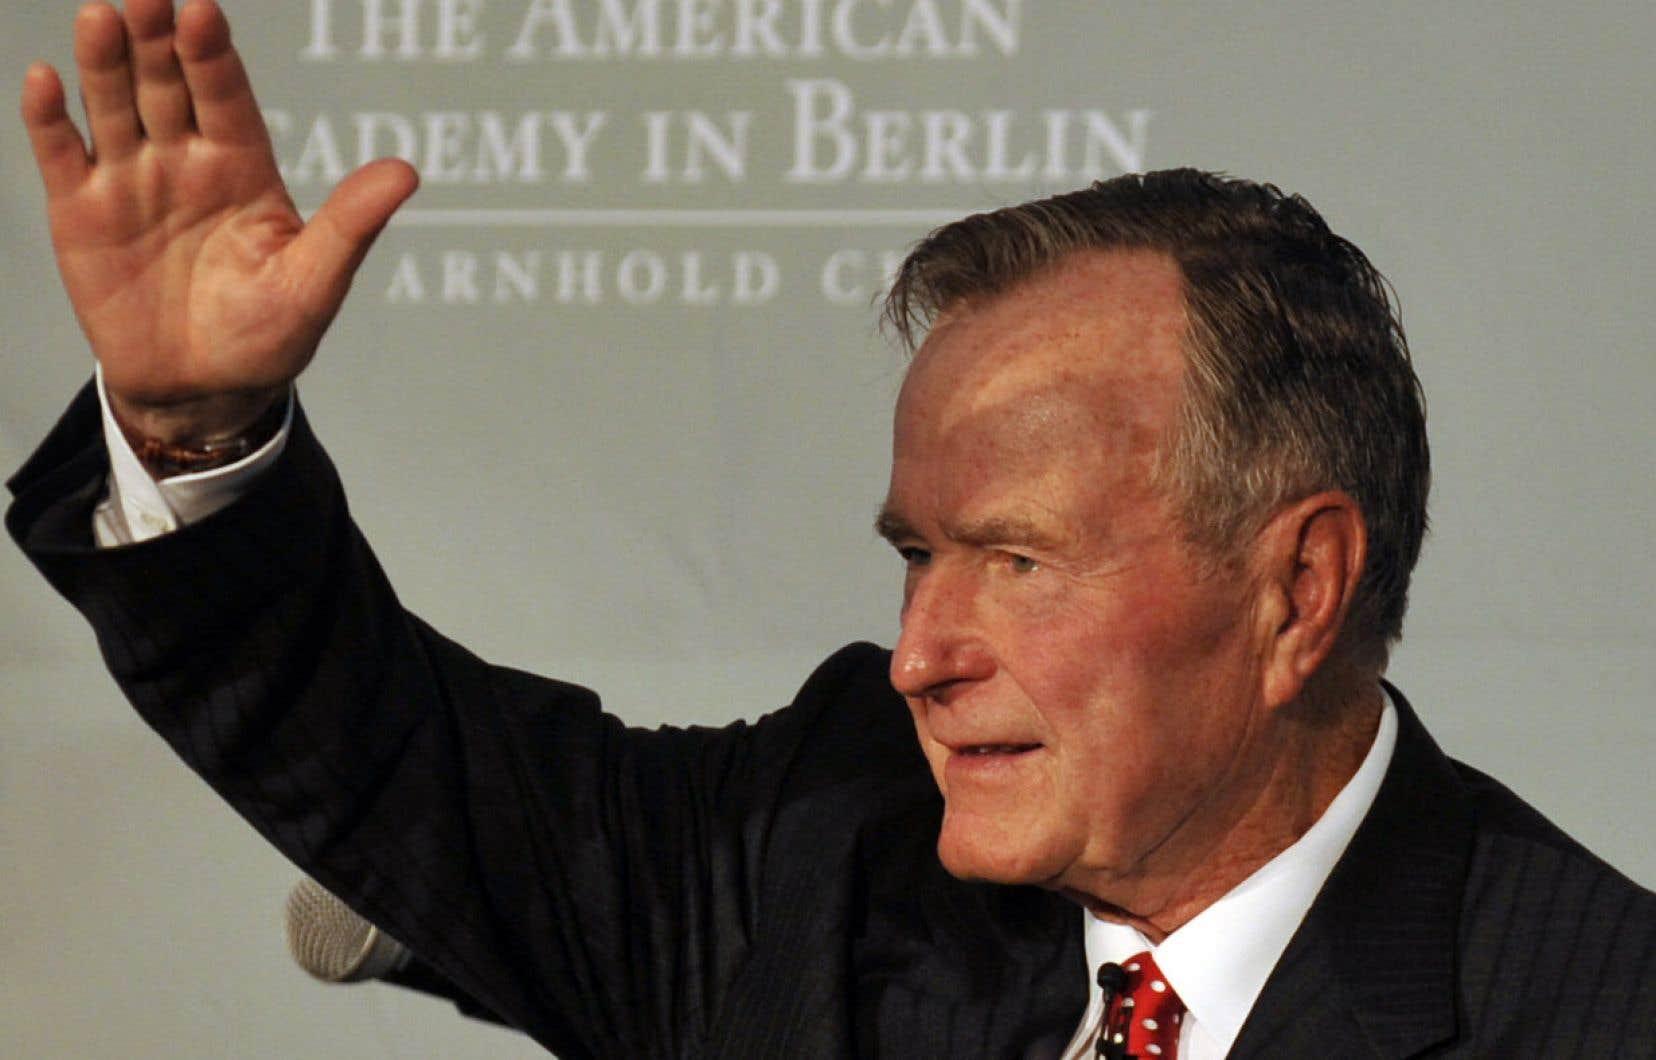 George Bush père, 41e président des États-Unis, est mort à l'âge de 94 ans